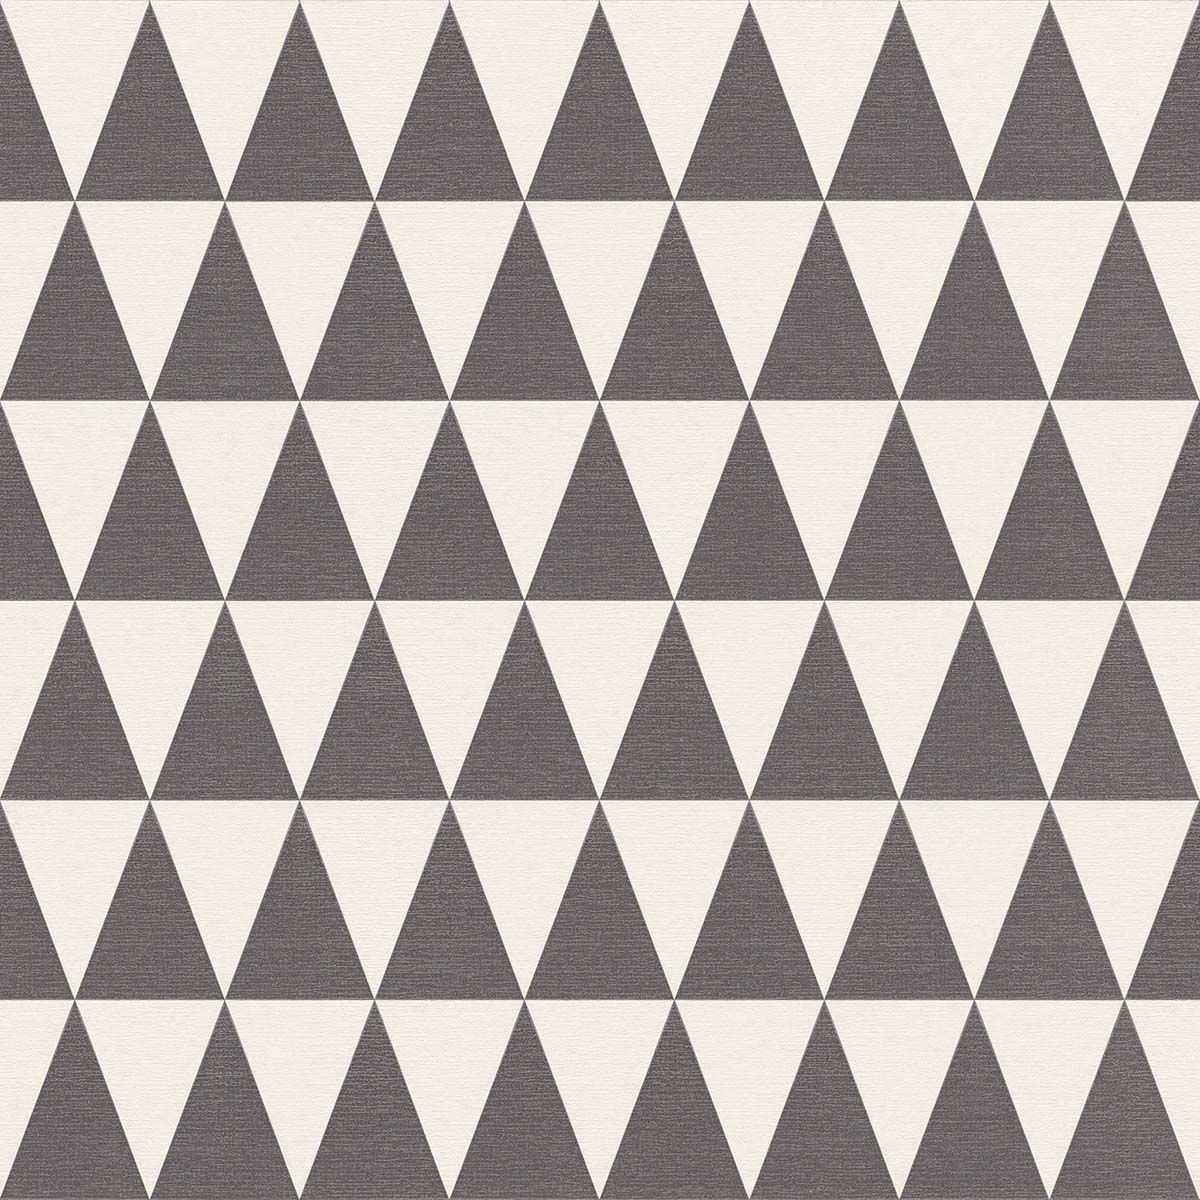 Vliestapete Dreieck Muster Schwarz Weiss 148672 Rasch Textil Tapeten Ausgefallene Tapeten